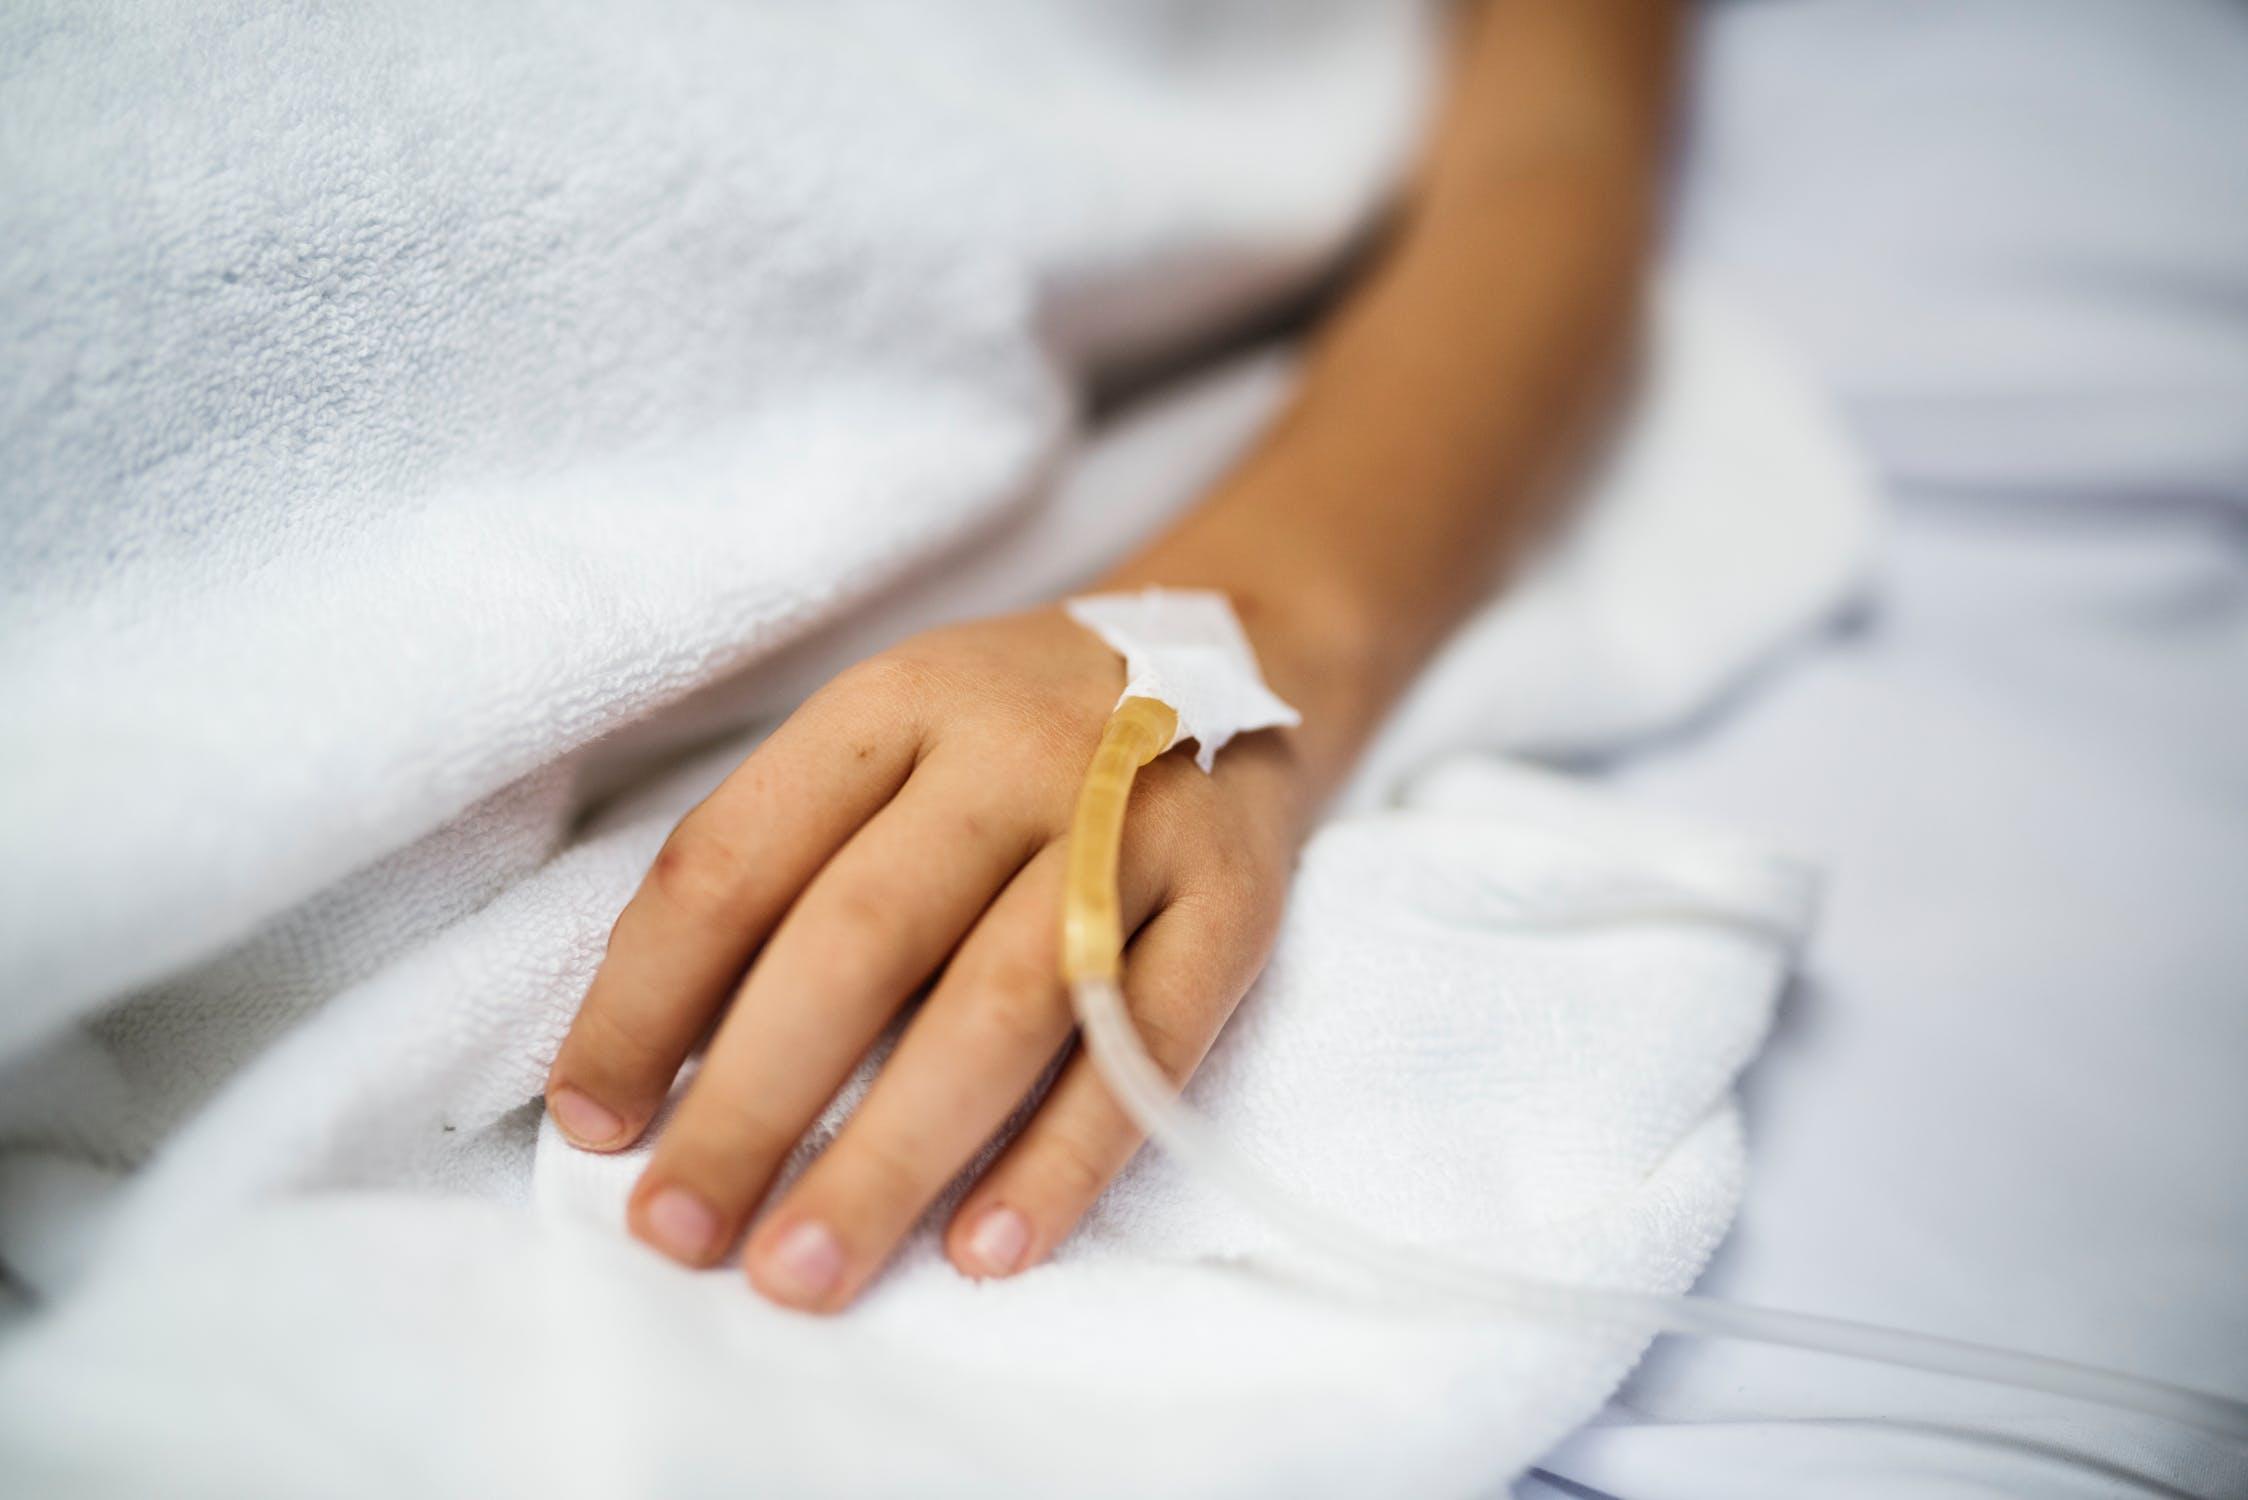 Niño en cama de hospital con cateter en brazo. | Imagen: Pexels